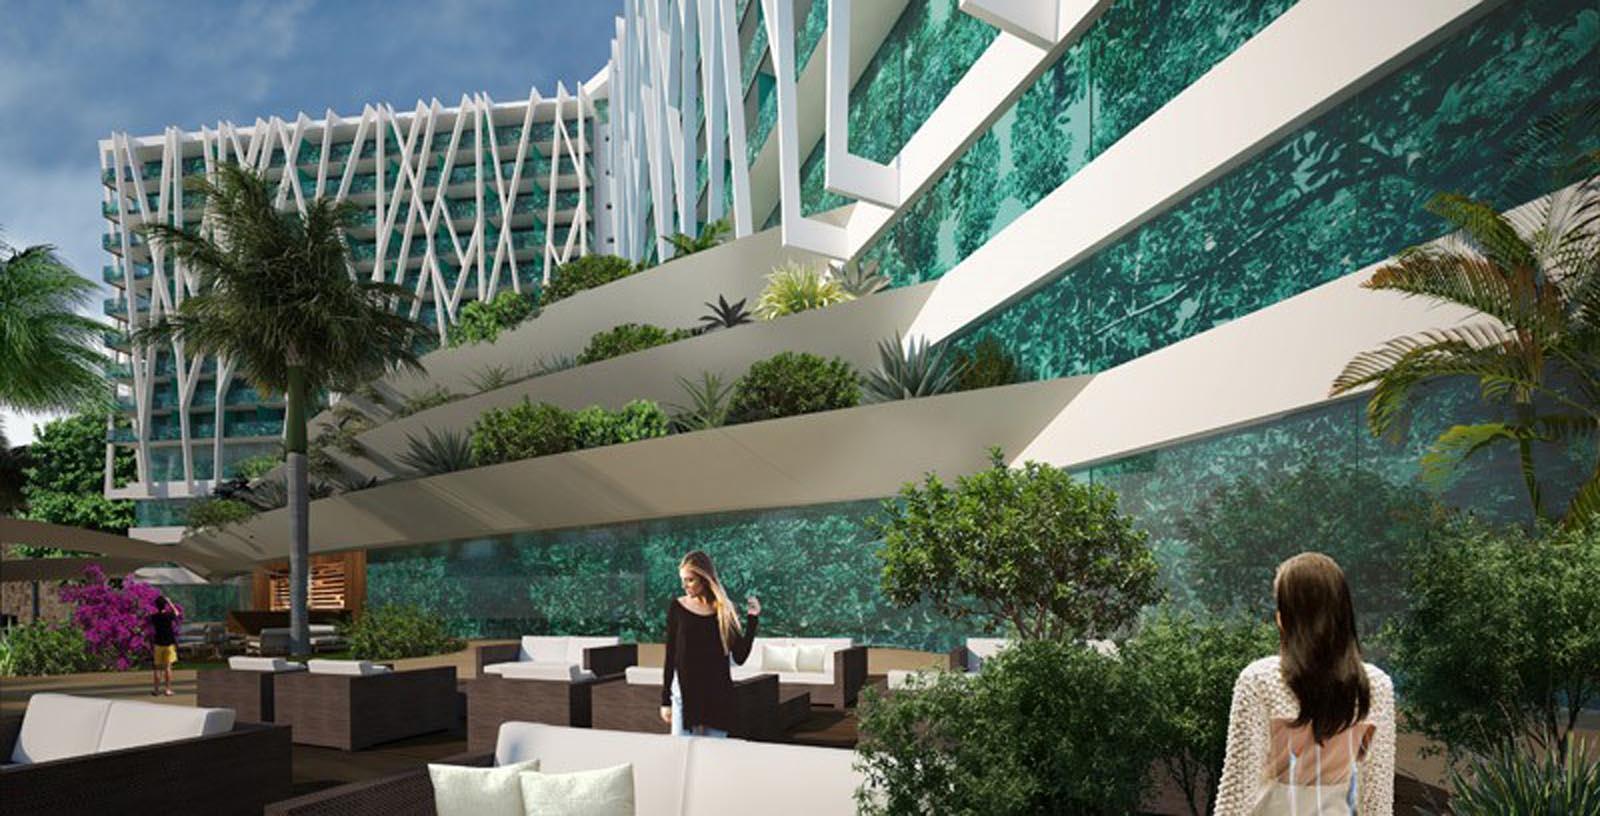 magna marbella hotel-9-Architecture-IDOM